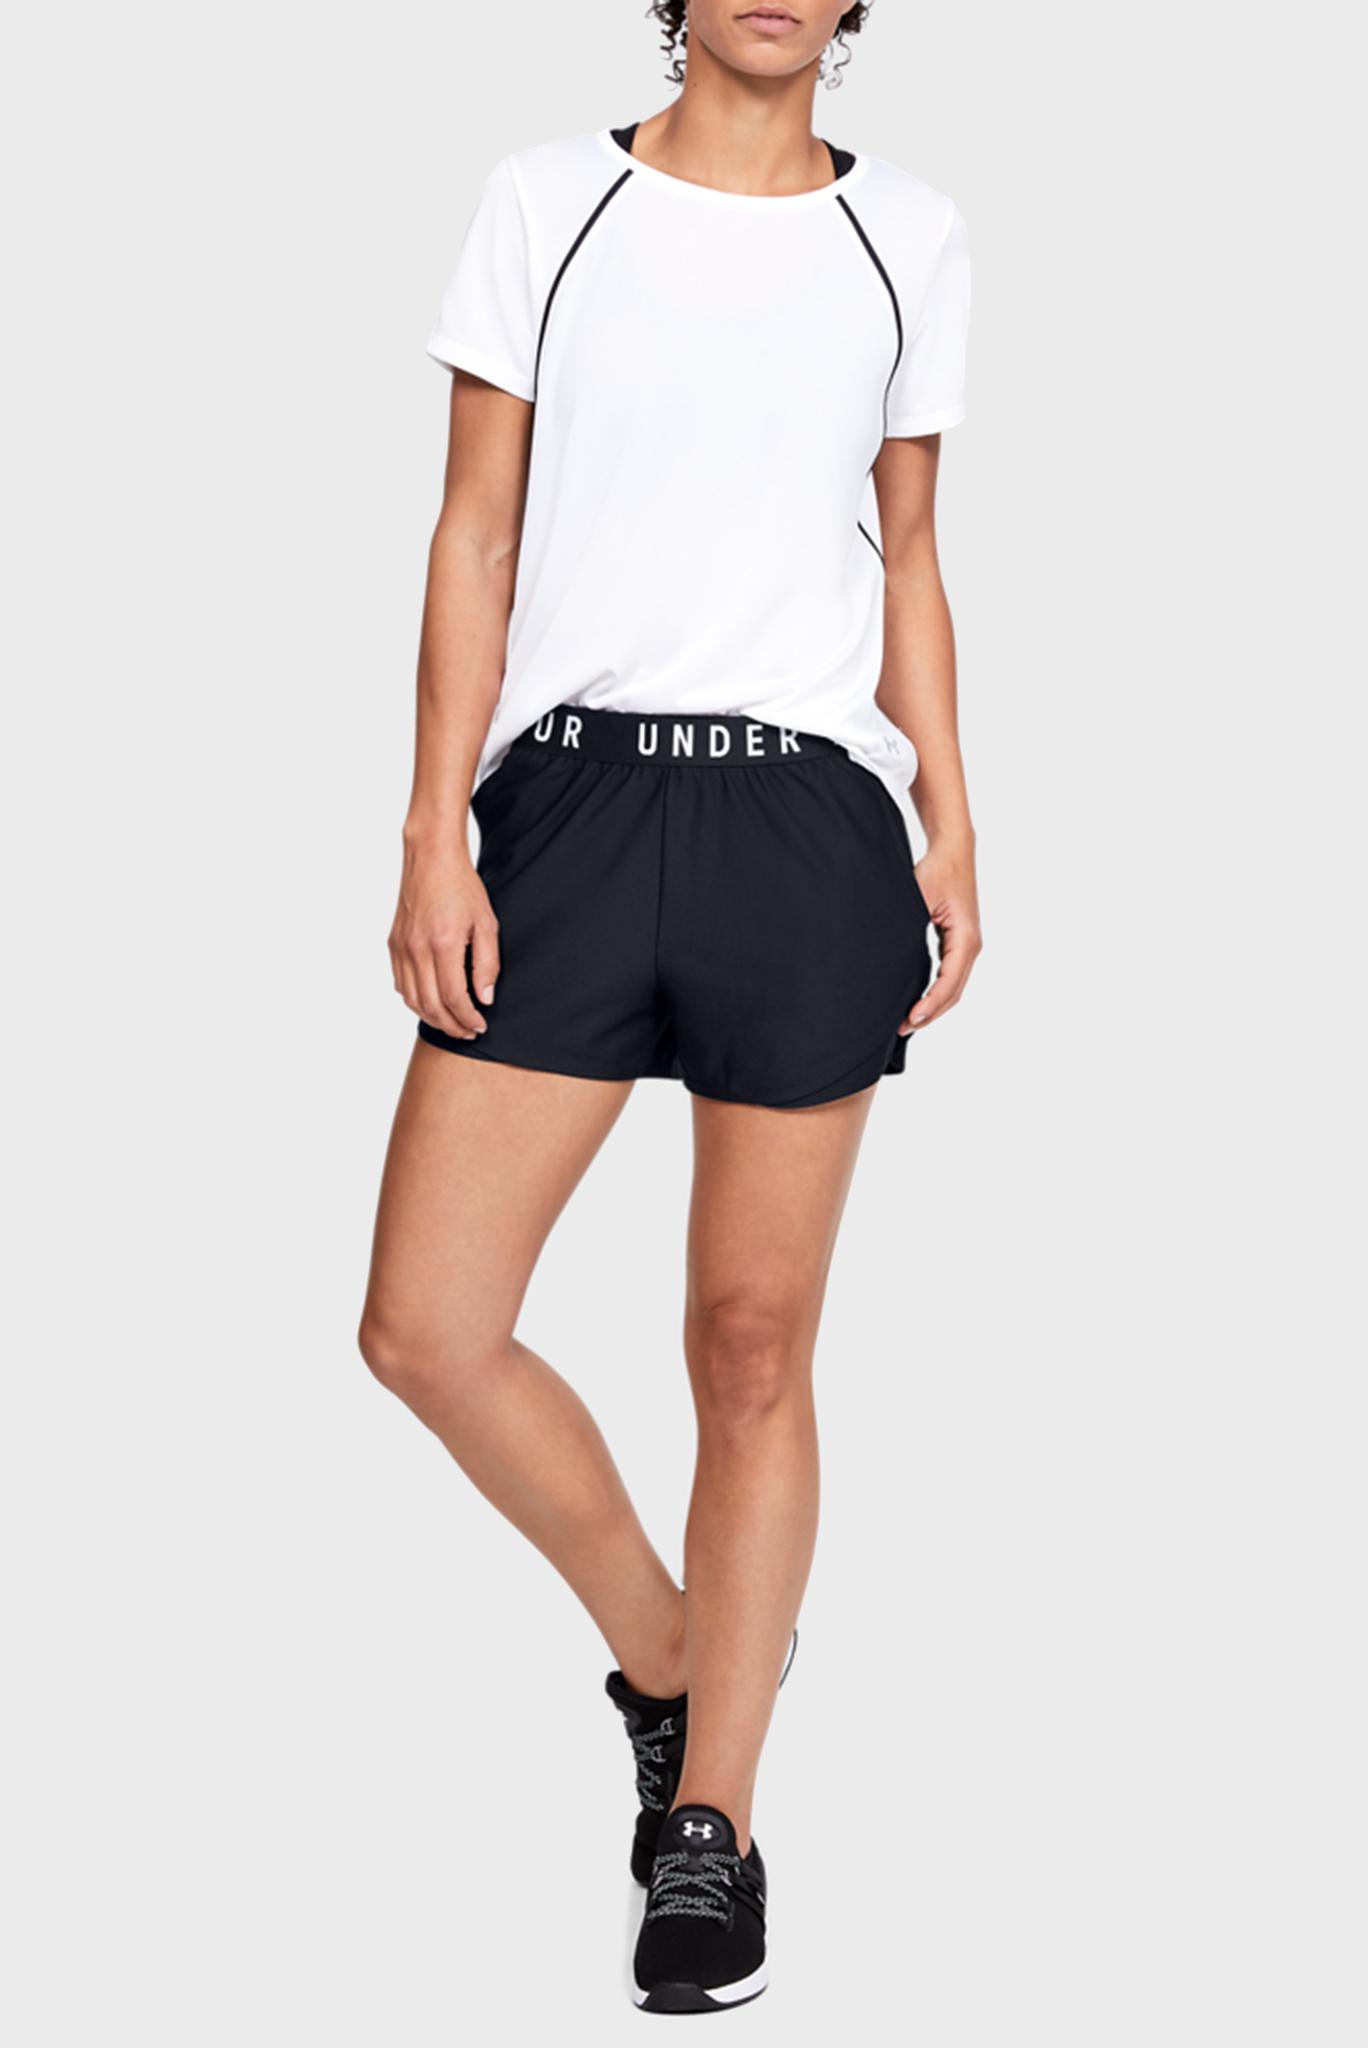 Женские черные спортивные шорты Play Up Short 3.0 Under Armour